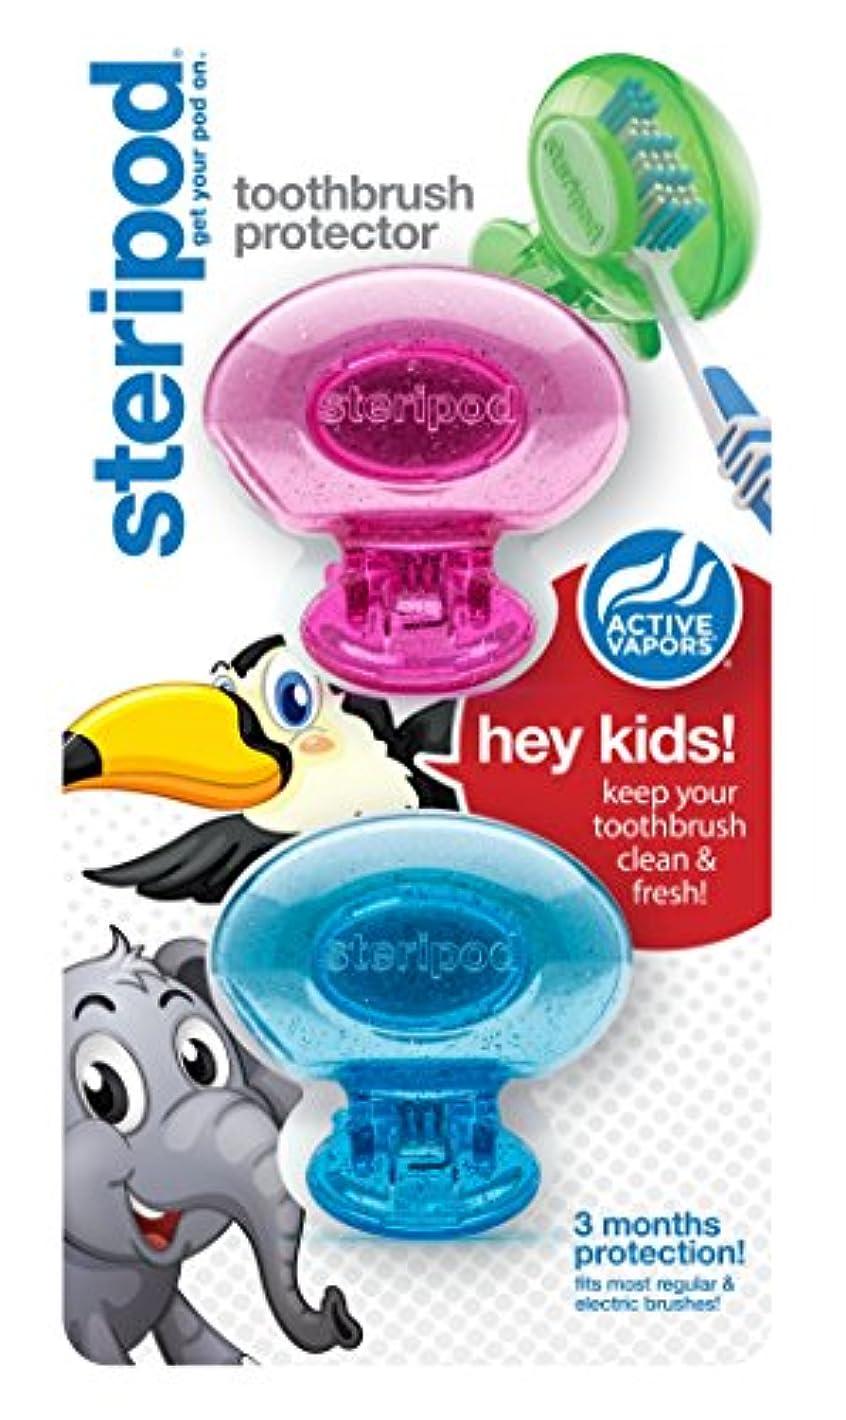 支払いシーズン花婿ステリポッド (Steripod) キッズ歯ブラシ プロテクター(2パック ピンク&ブルーグリッターポッド)歯ブラシケース